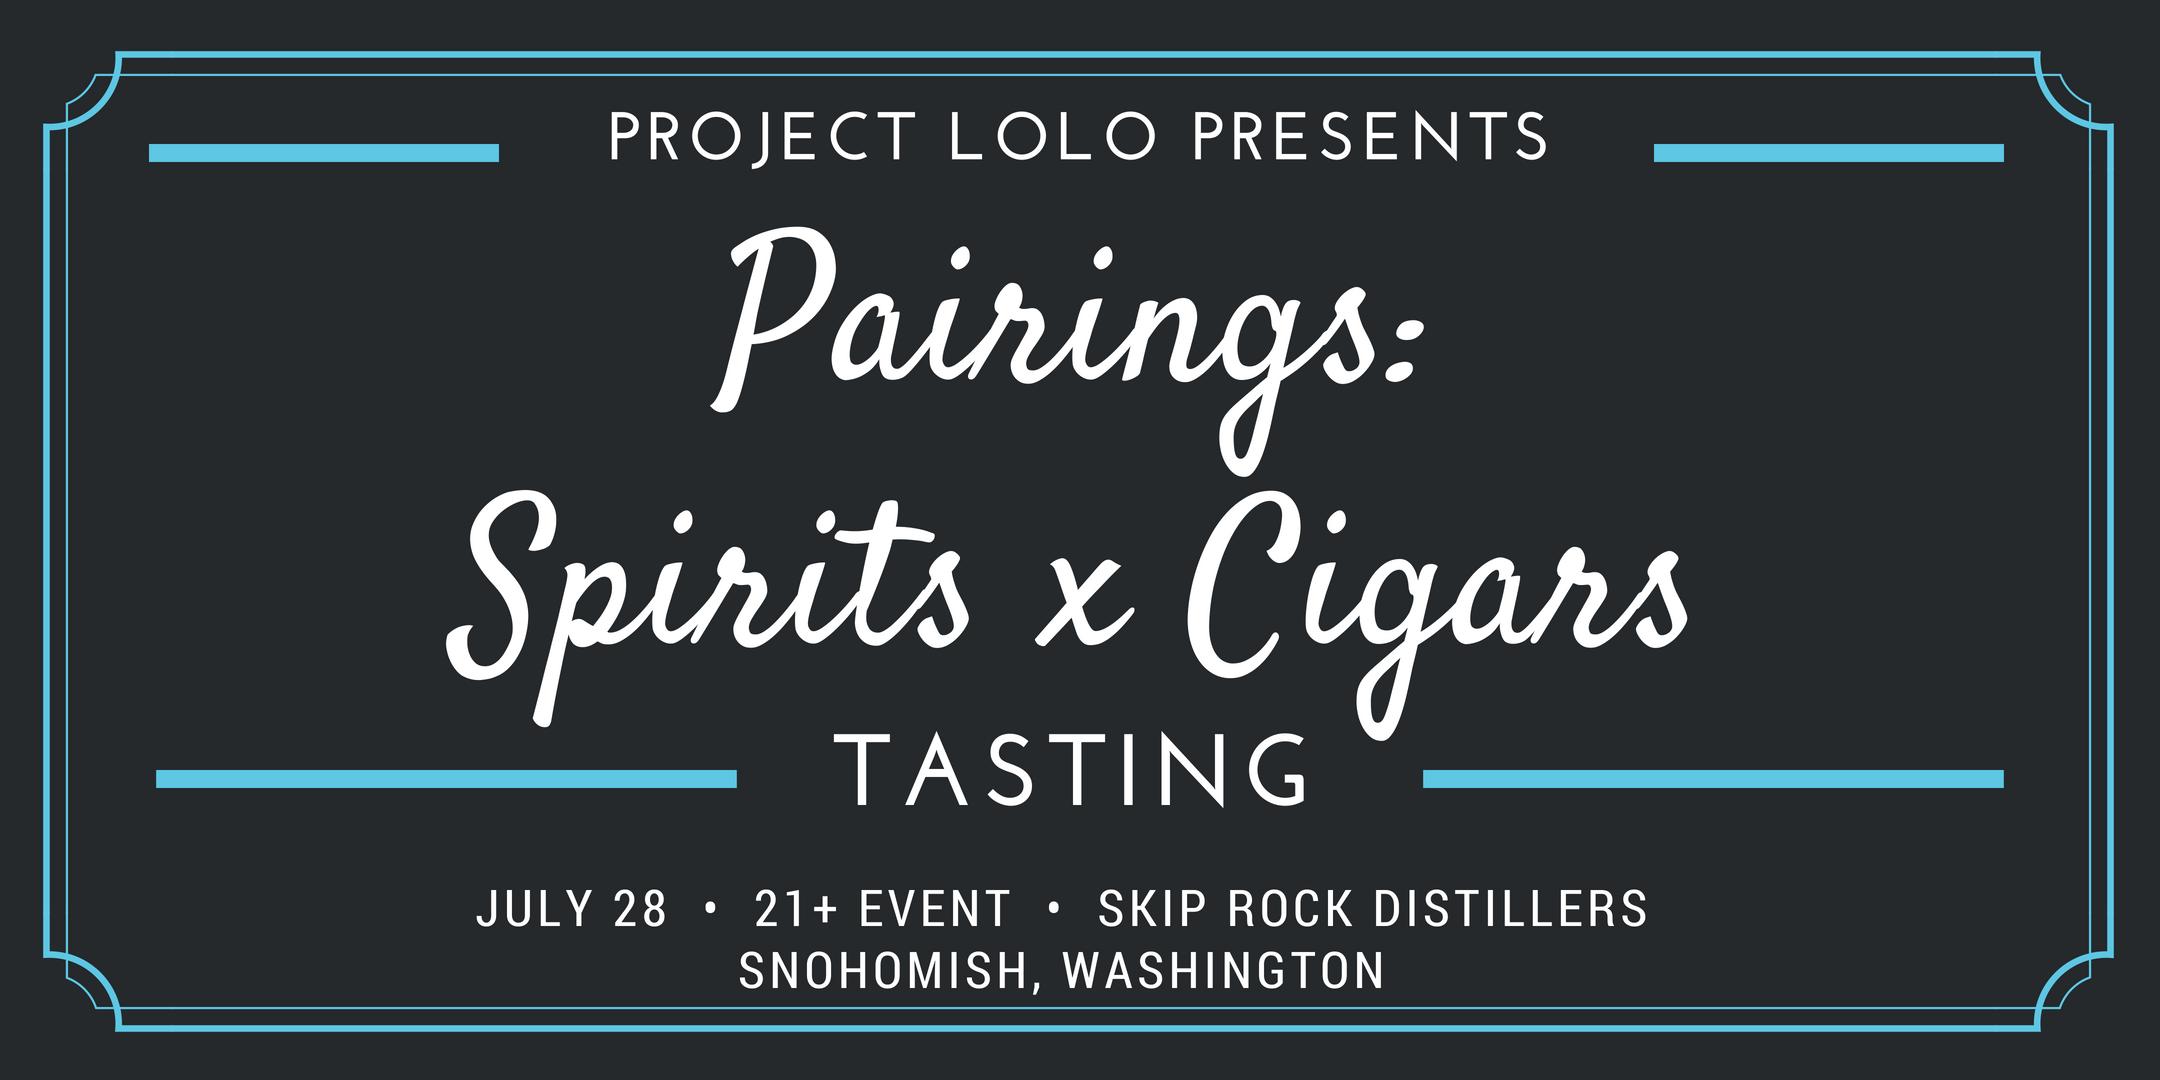 PL_Presents_Whiskey_Eventbrite_20180531v2.png